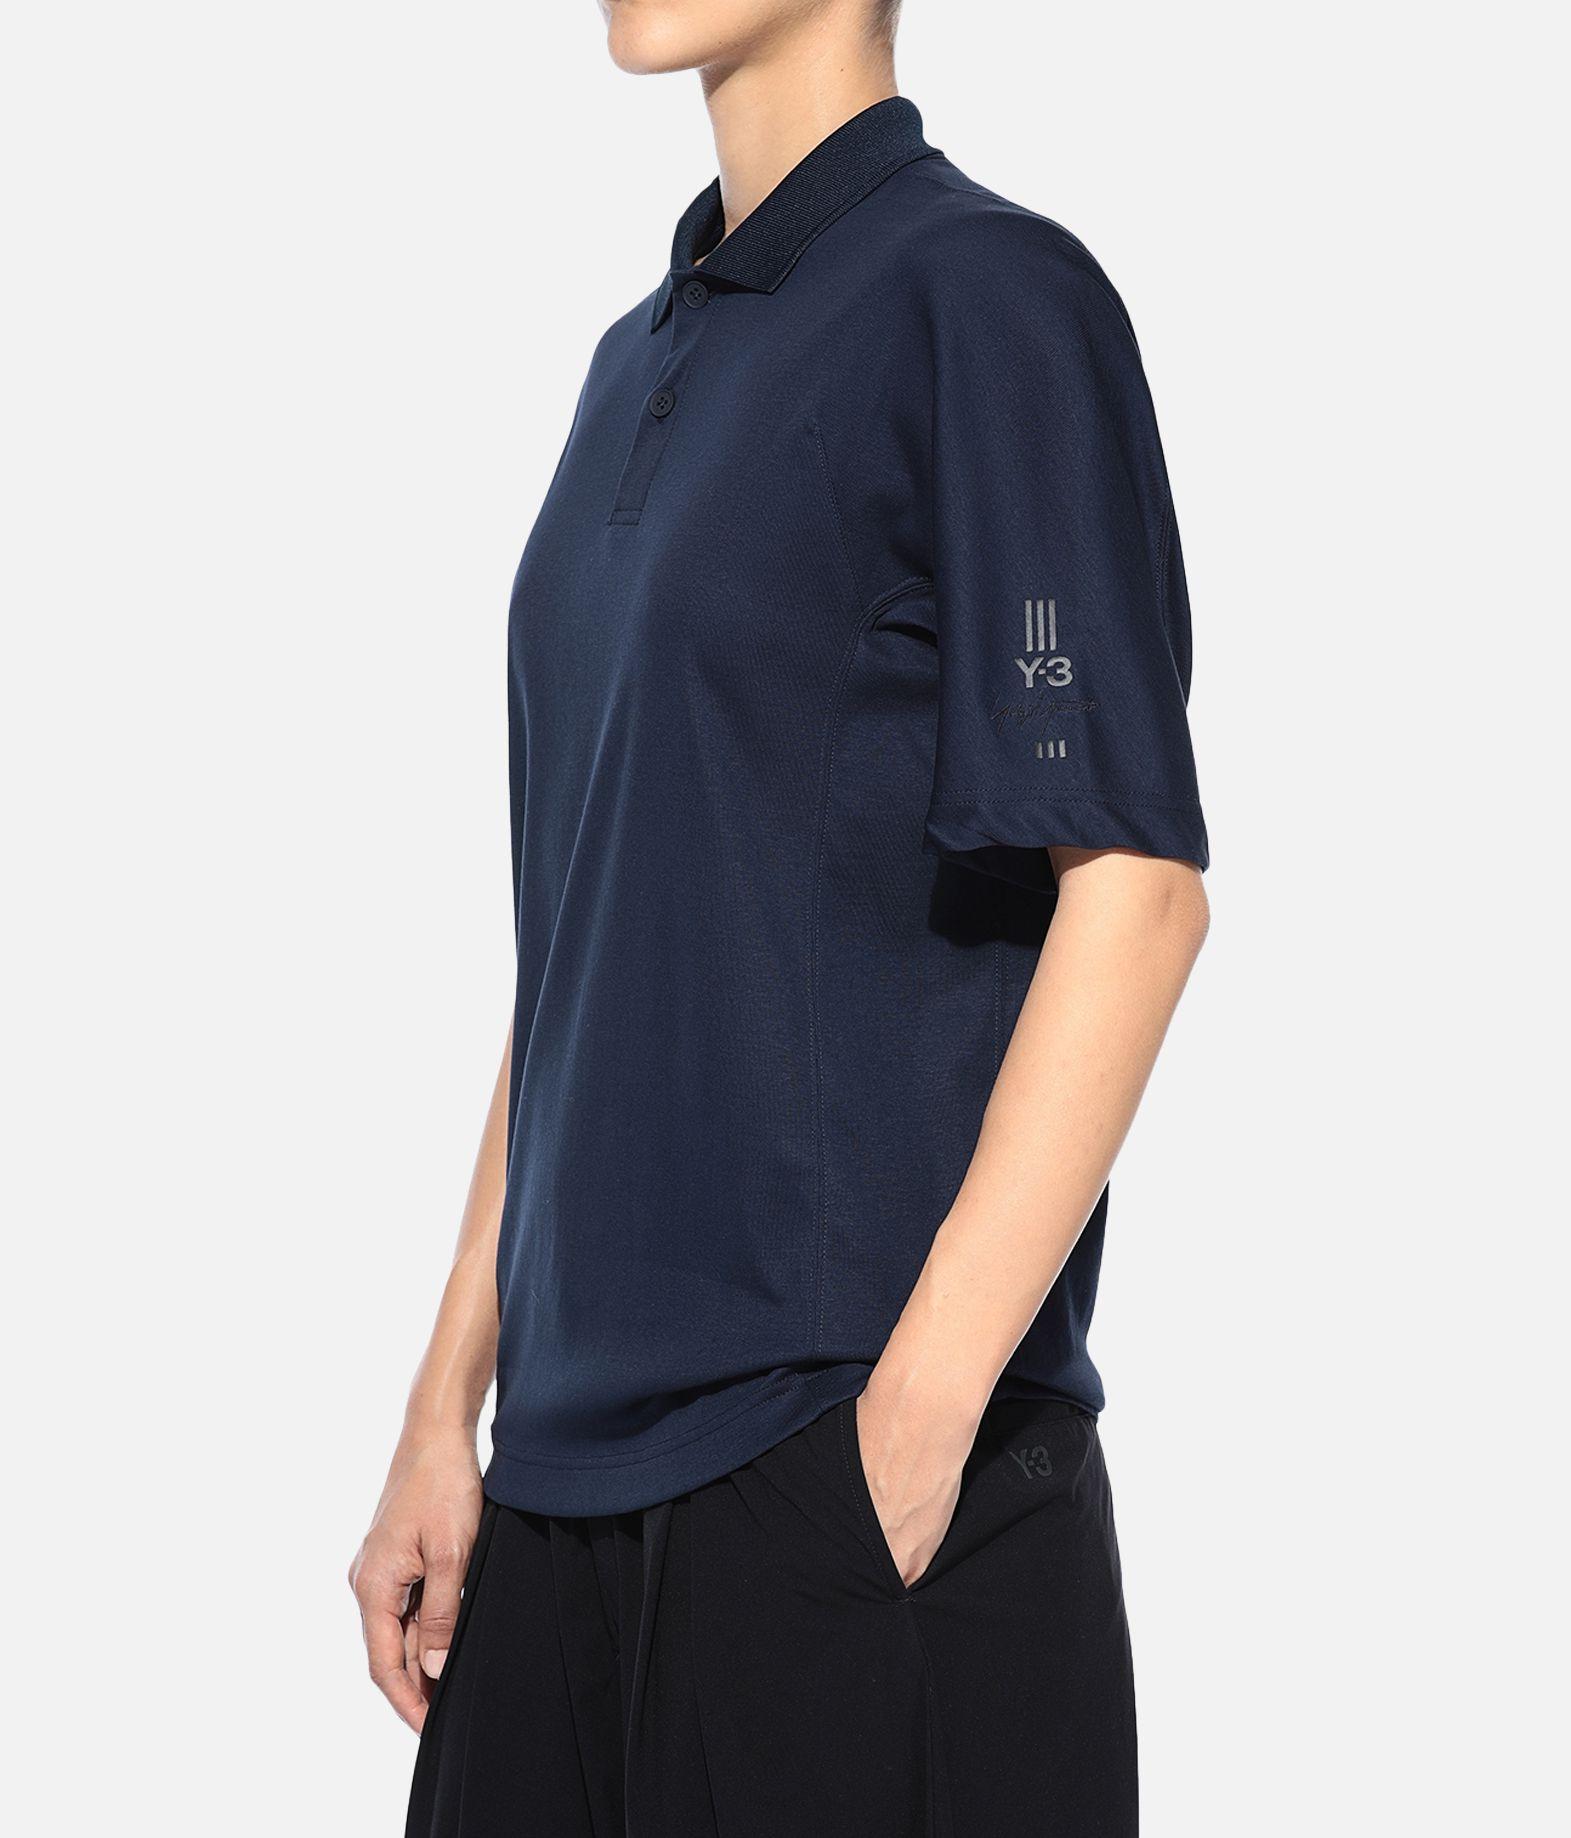 Y-3 Y-3 New Classic Polo Shirt  Поло Для Женщин e